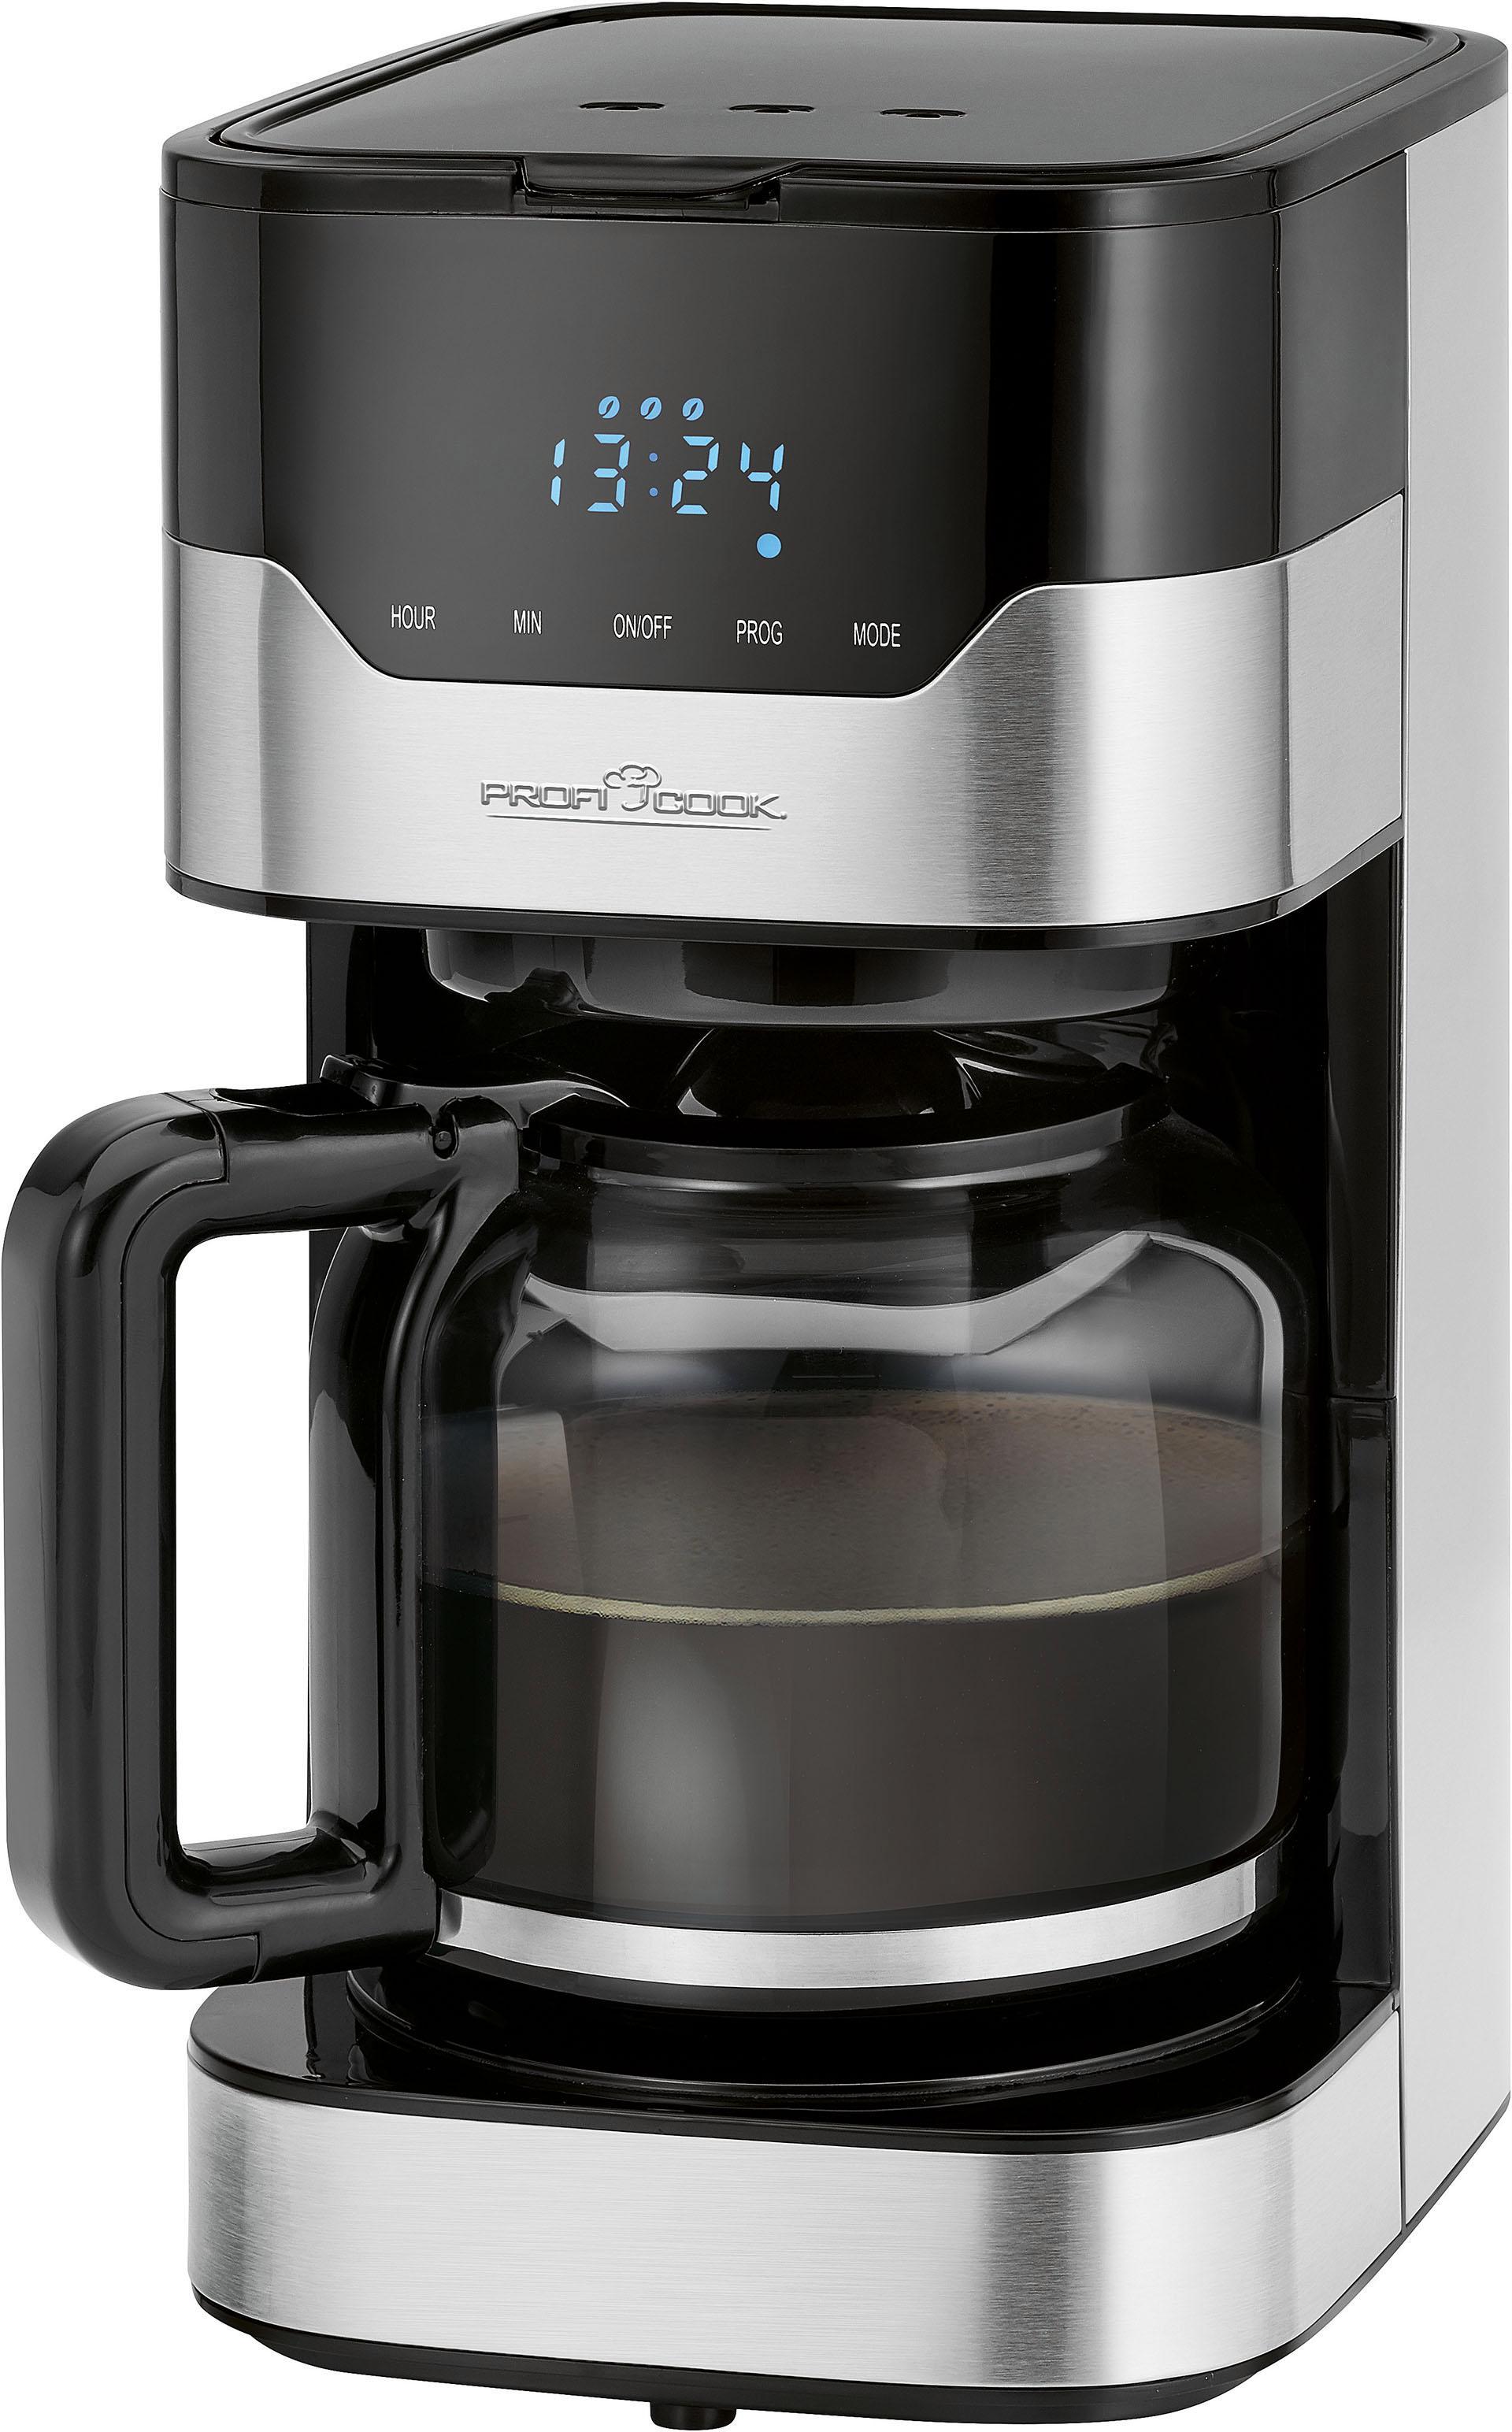 ProfiCook Filterkaffeemaschine PC-KA 1169 Papierfilter 1x4   Küche und Esszimmer > Kaffee und Tee > Kaffeemaschinen   Schwarz   Proficook